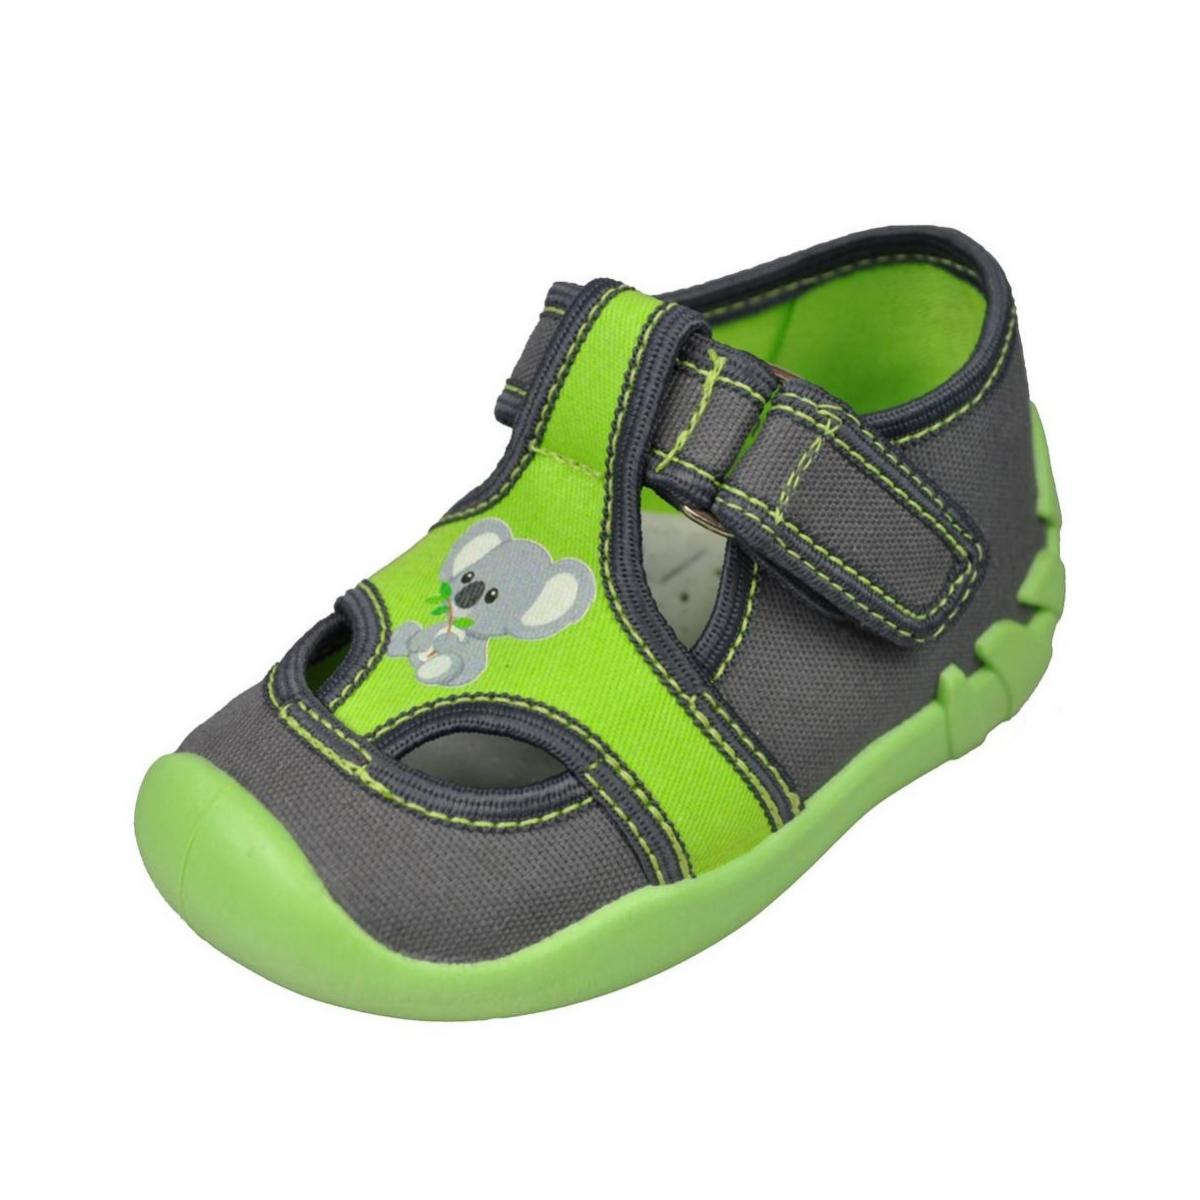 afb3865736f45 Detské sivé topánky KIKO | Johnc.sk